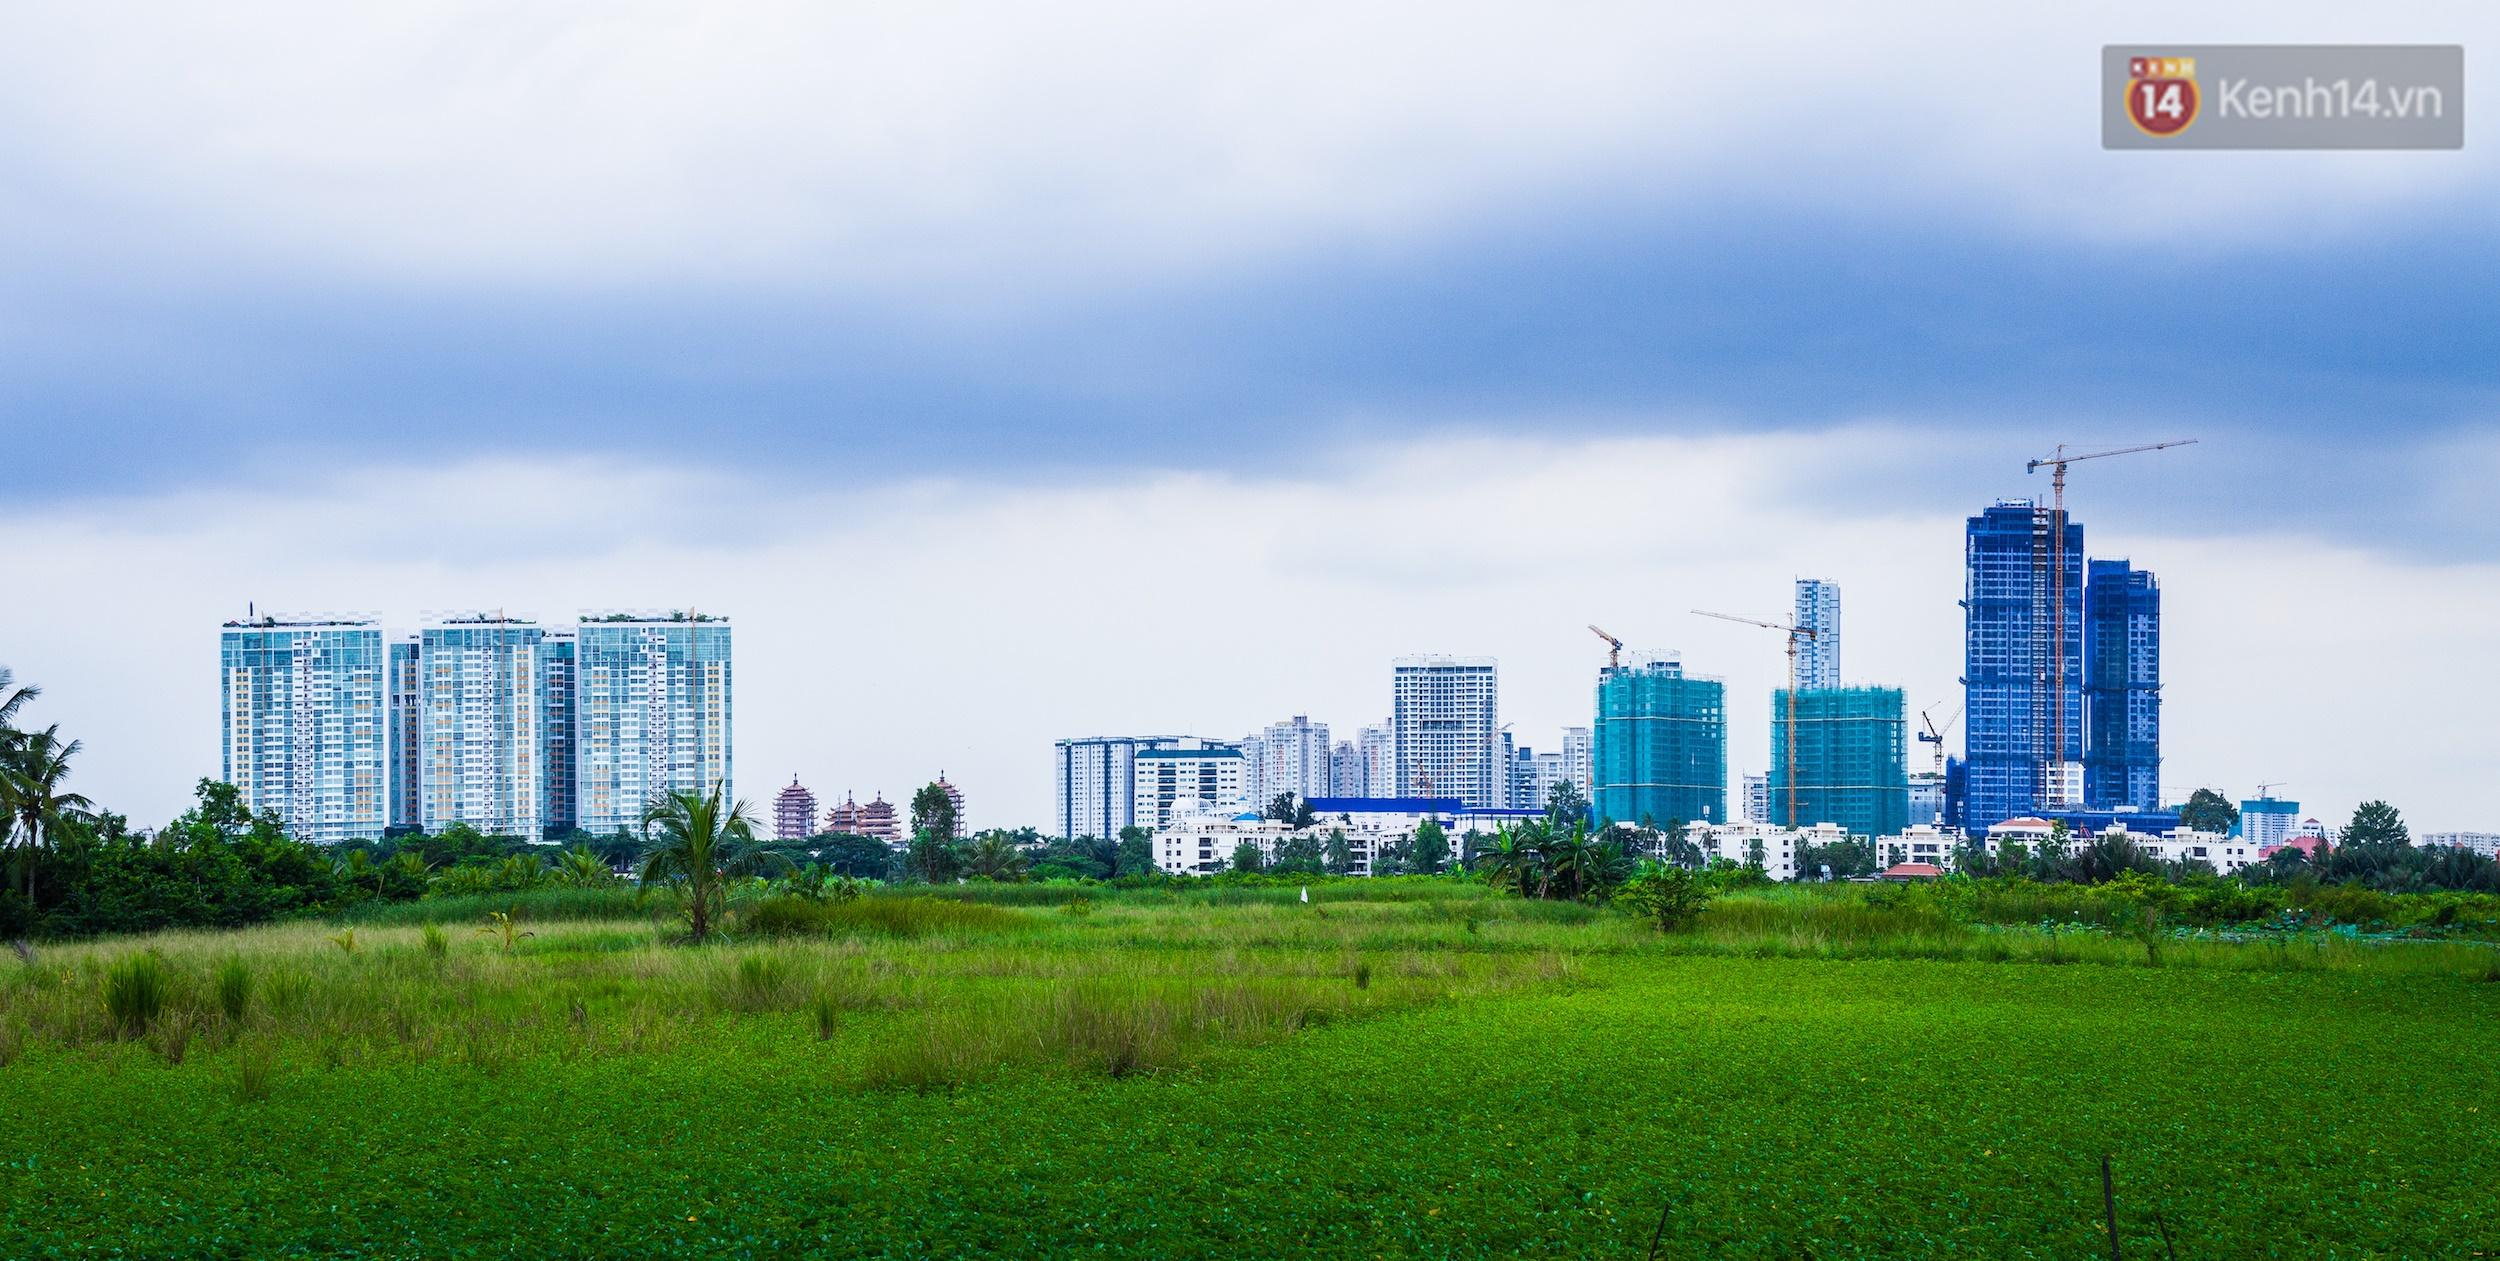 Chùm ảnh: Cuộc sống ở bán đảo Thanh Đa - Một miền nông thôn tách biệt dù chỉ cách trung tâm Sài Gòn vài km - Ảnh 4.